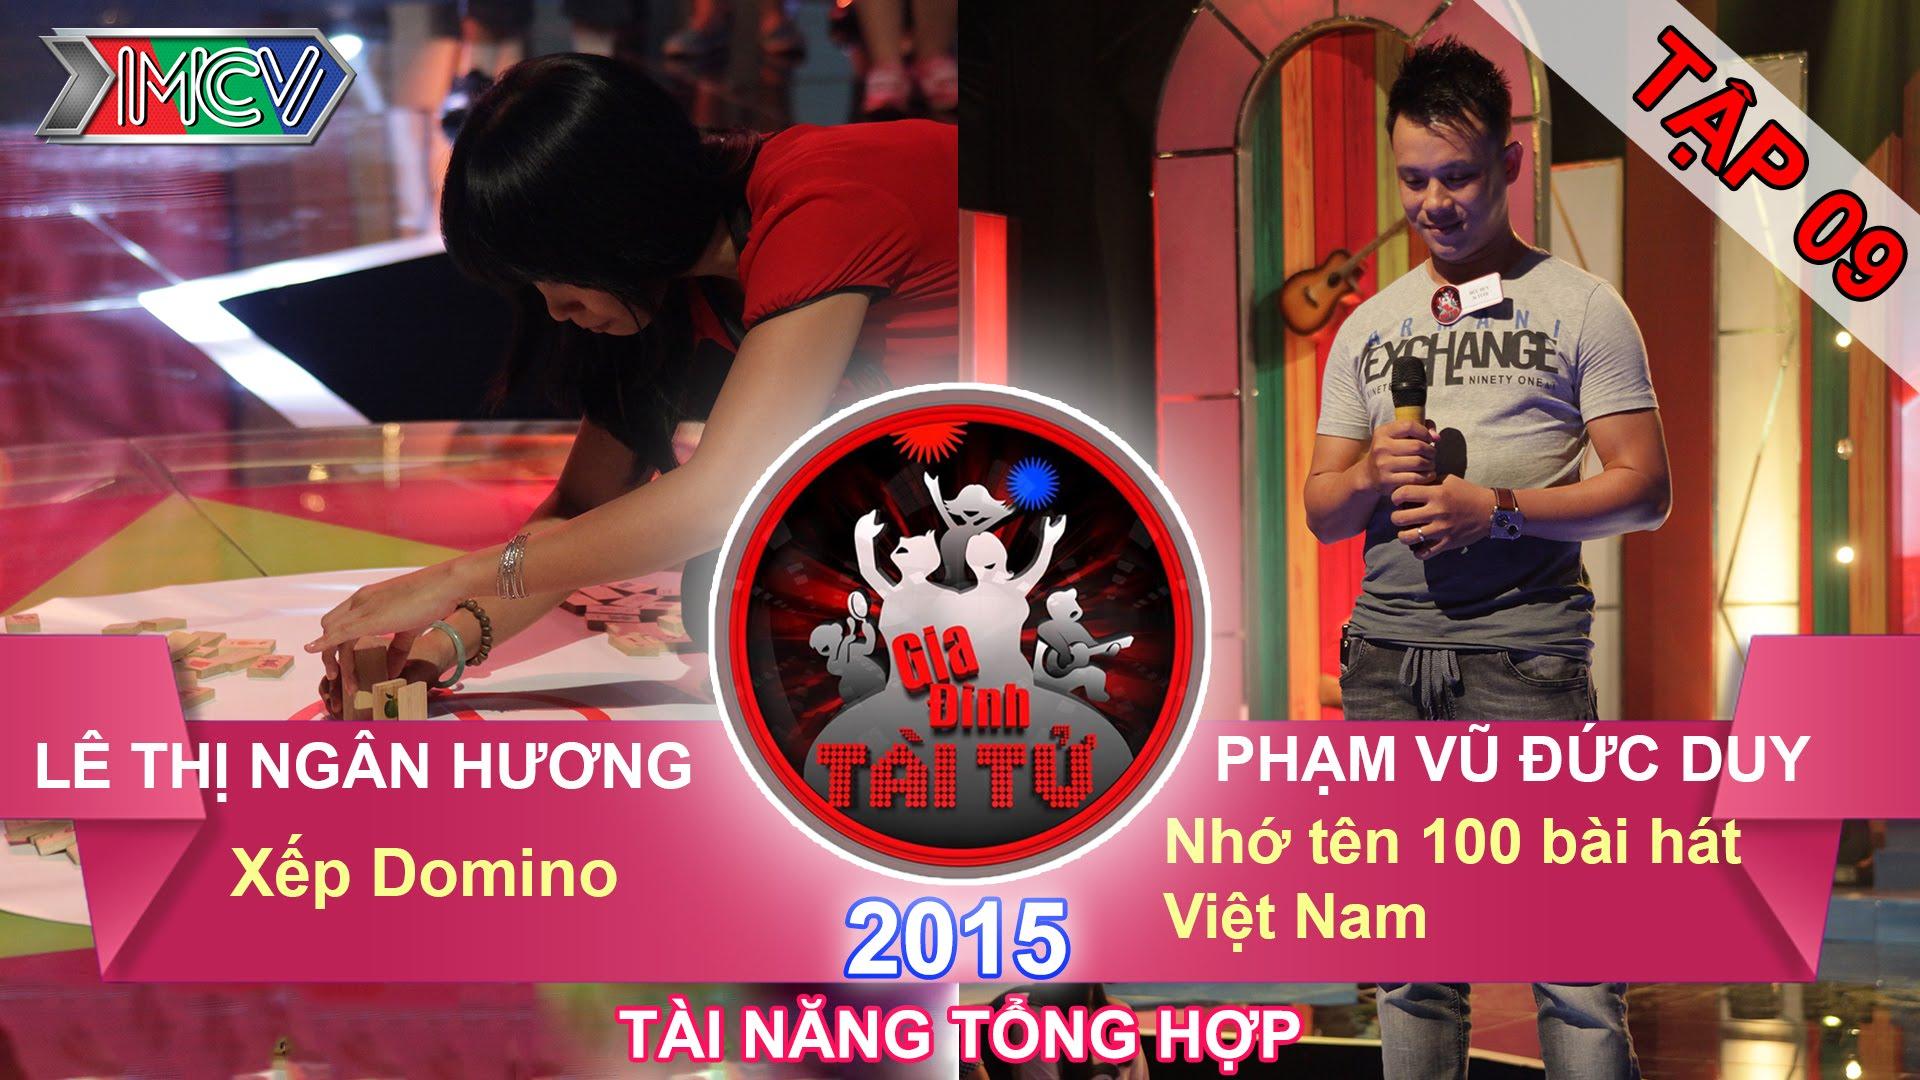 gia-dinh-tai-tu-tap-9-thu-thach-xep-domino-thu-thach-nho-ten-100-bai-hat-viet-nam